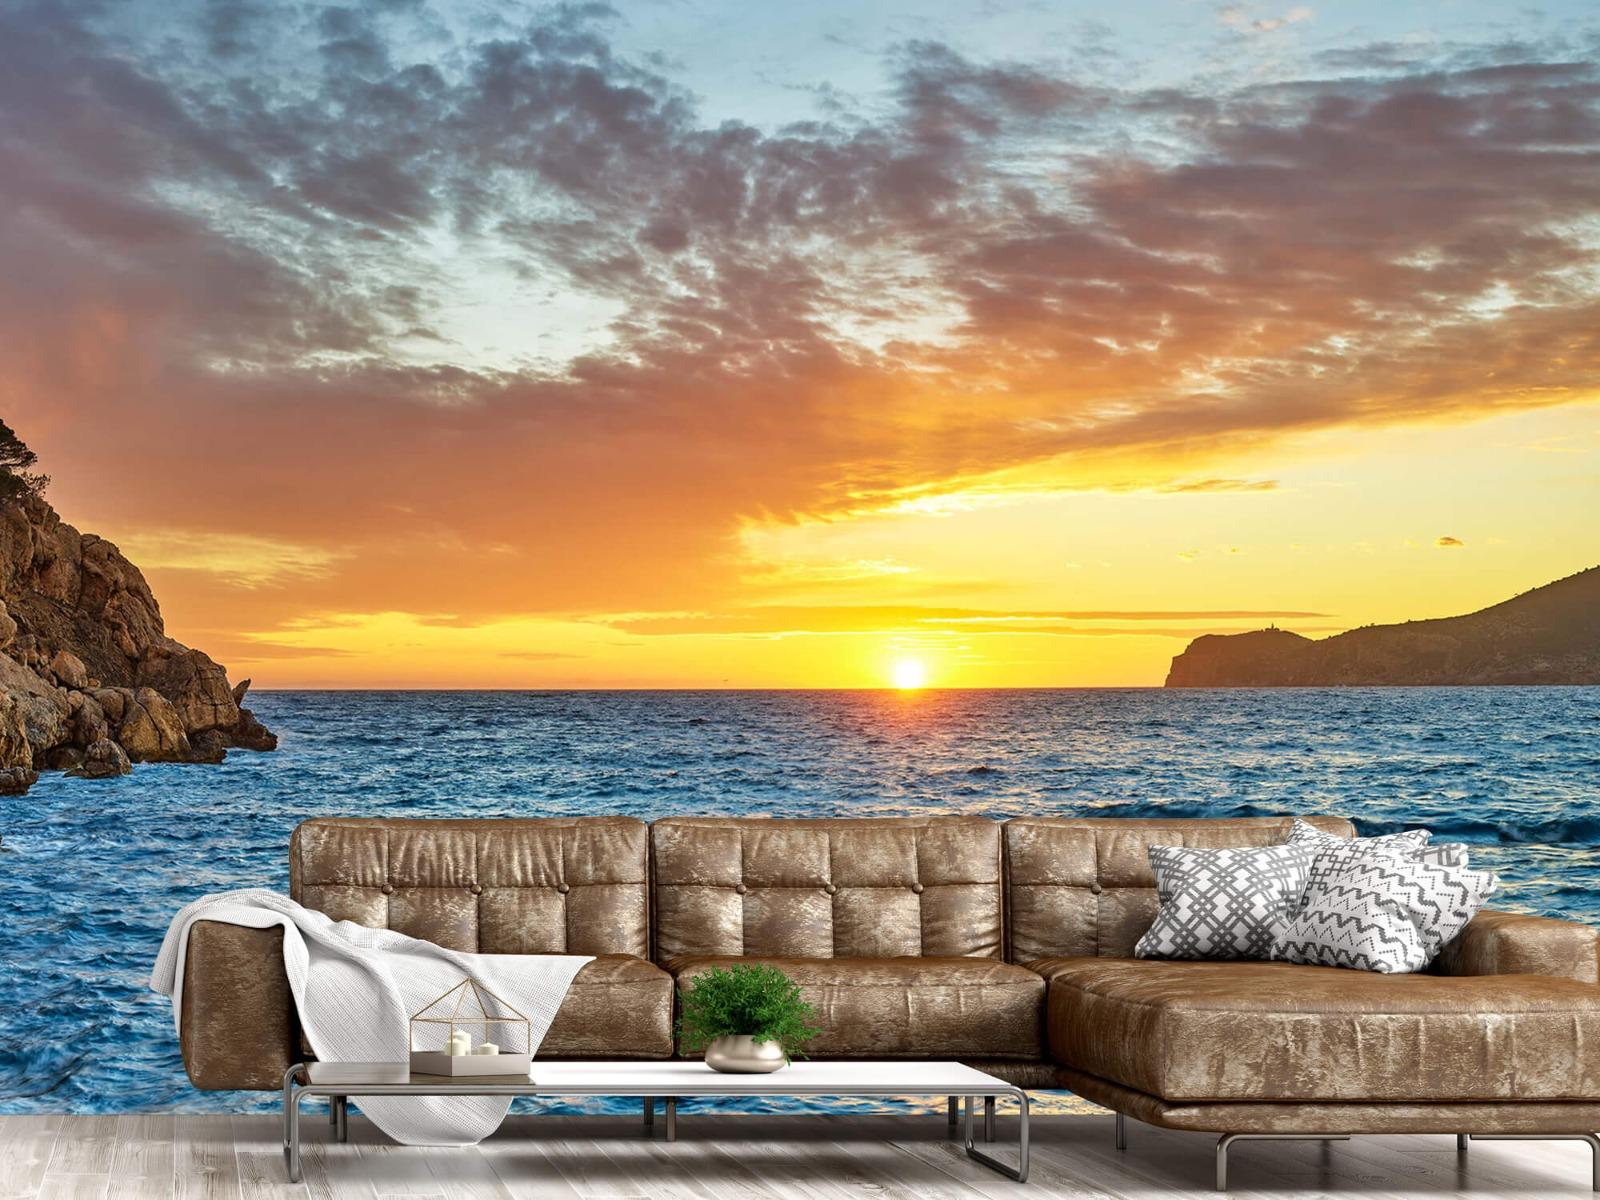 Zon - Zonsondergang op een eiland - Slaapkamer 14